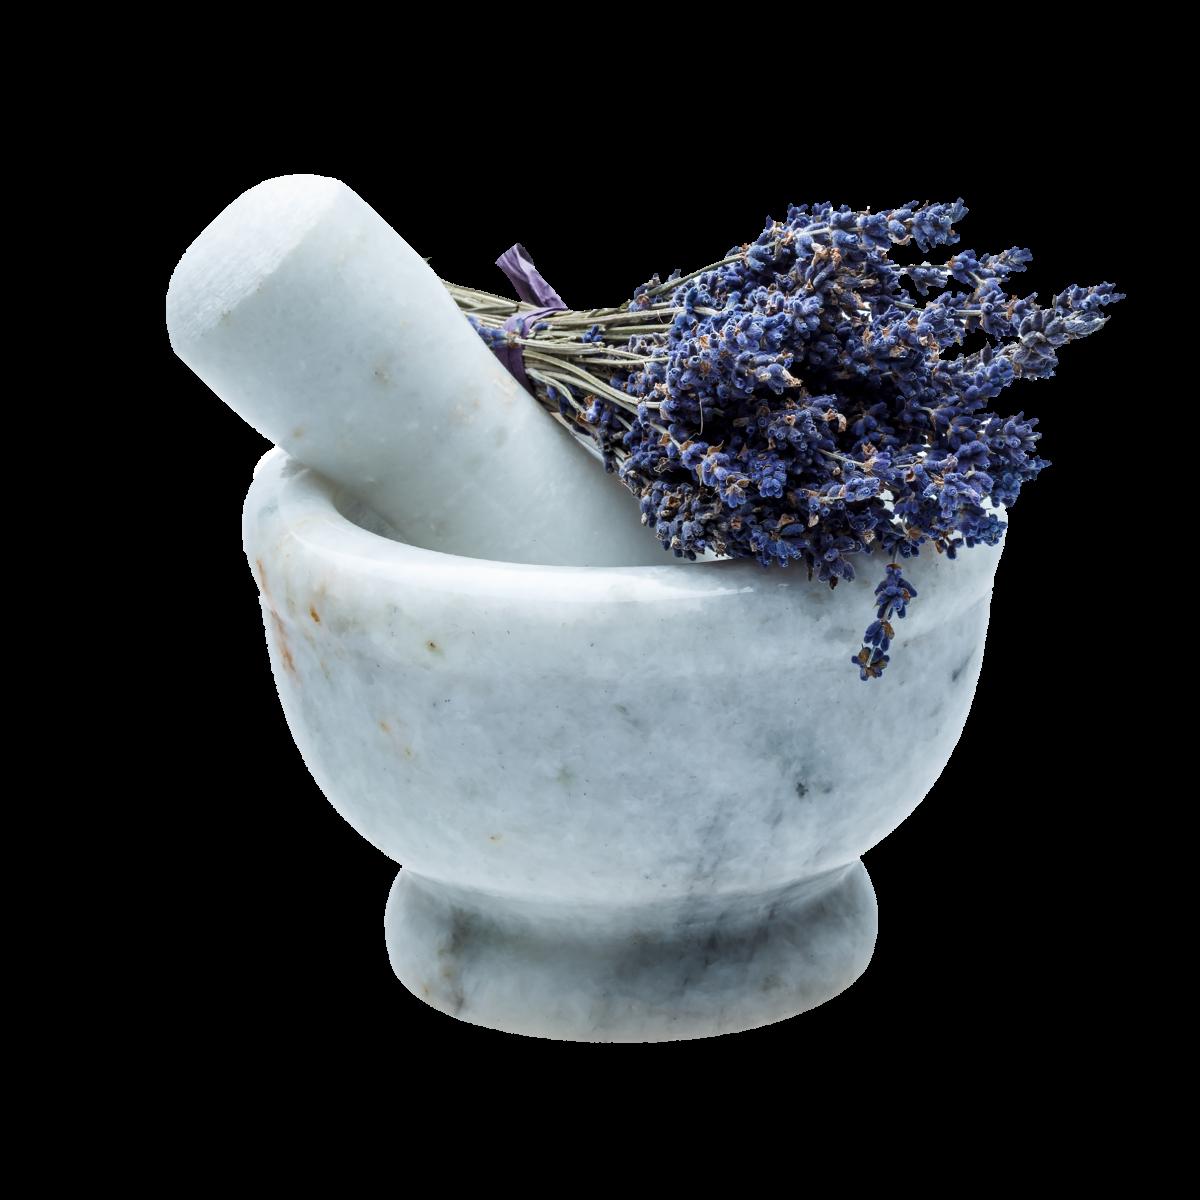 Lavender & Eucalyptus Essentials